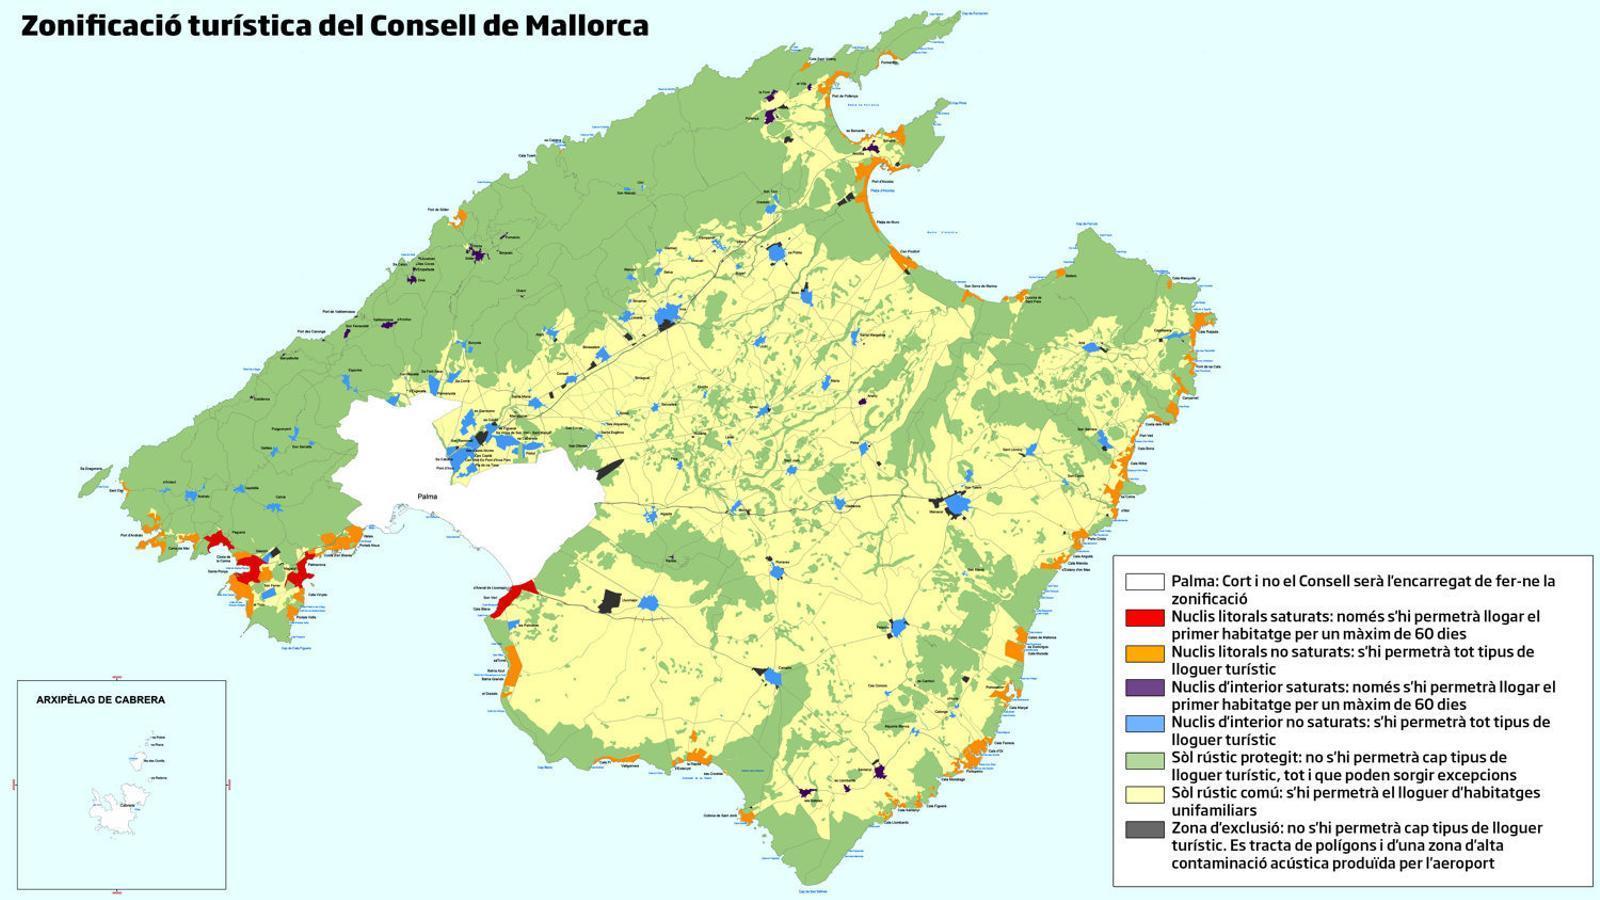 Només es podrà llogar 60 dies a l'any a 31 nuclis de Mallorca